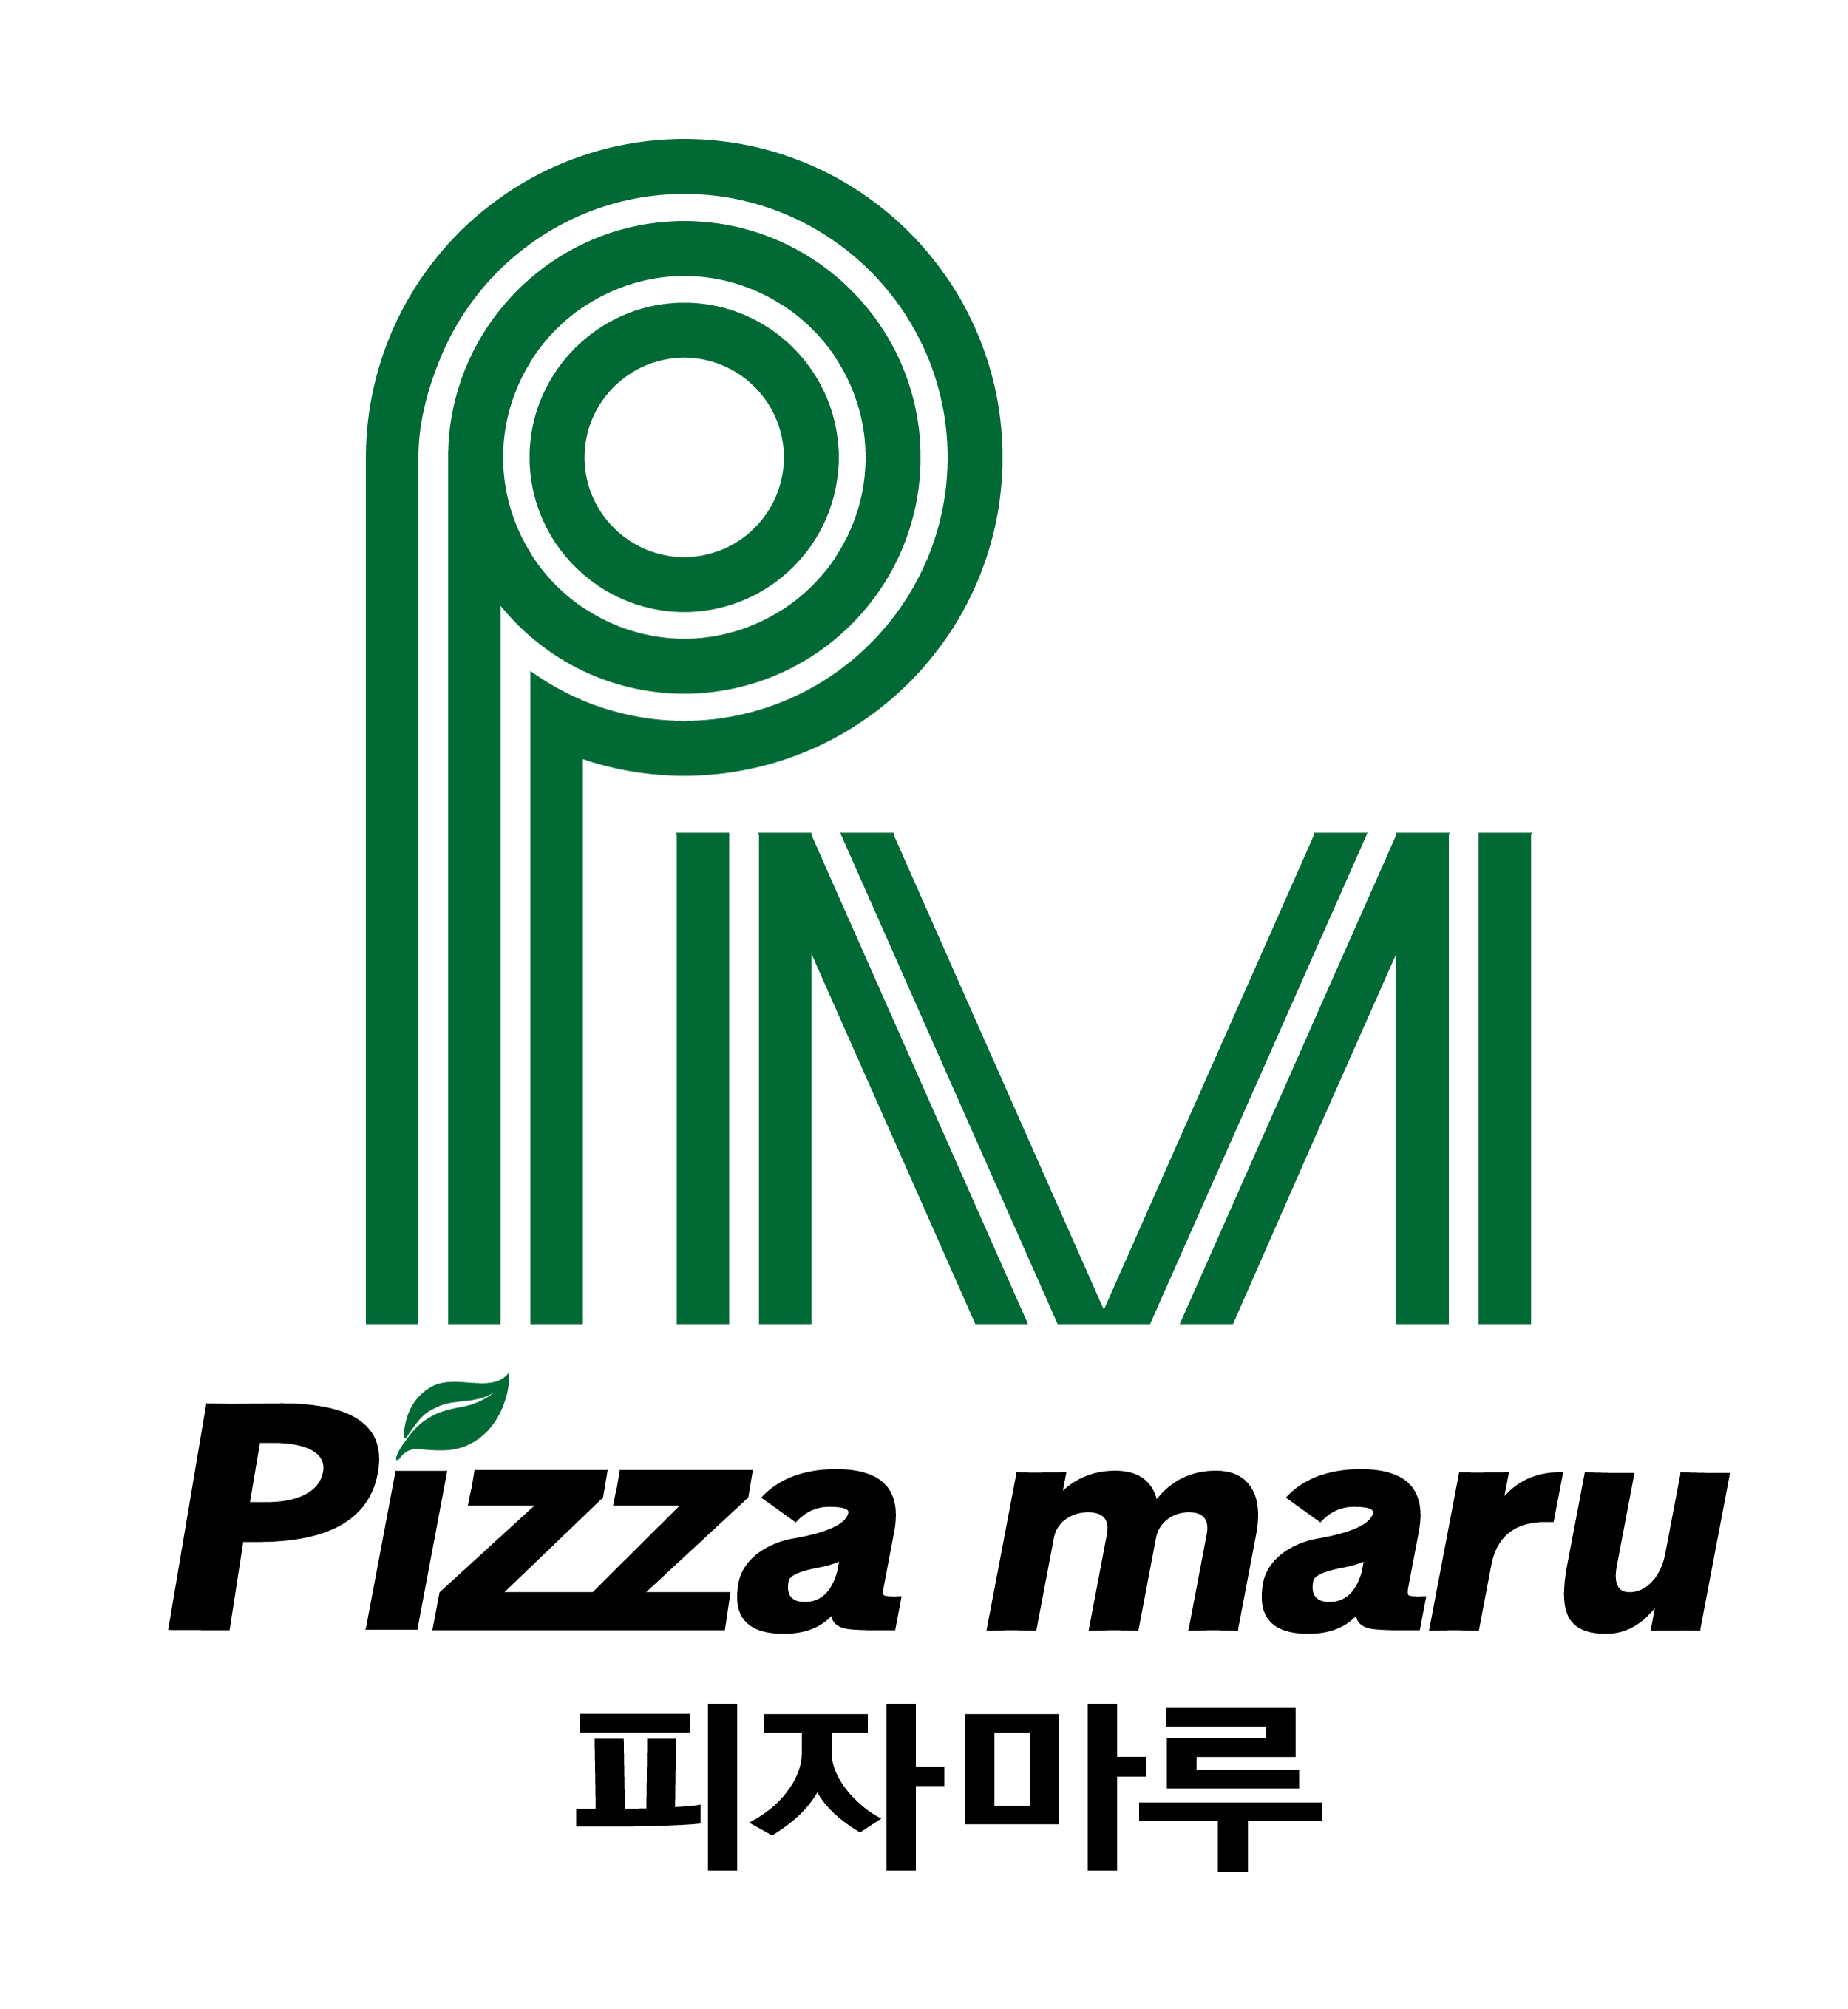 ▲ 피자마루, 가맹점주 대상 어플로 소통 강화